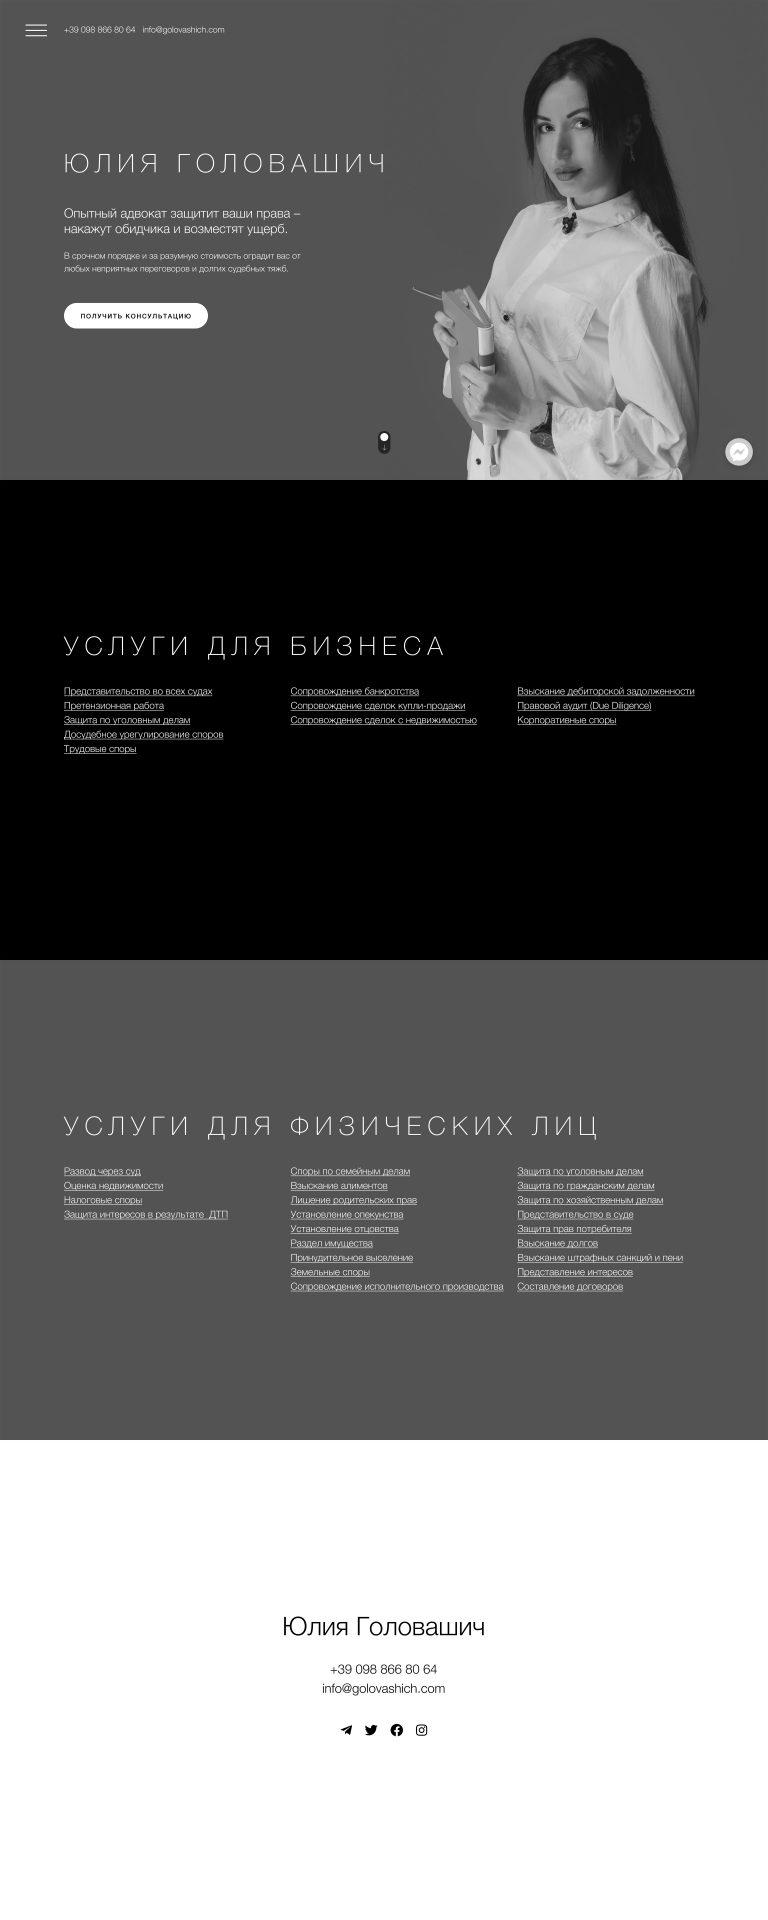 Юлия Головашич